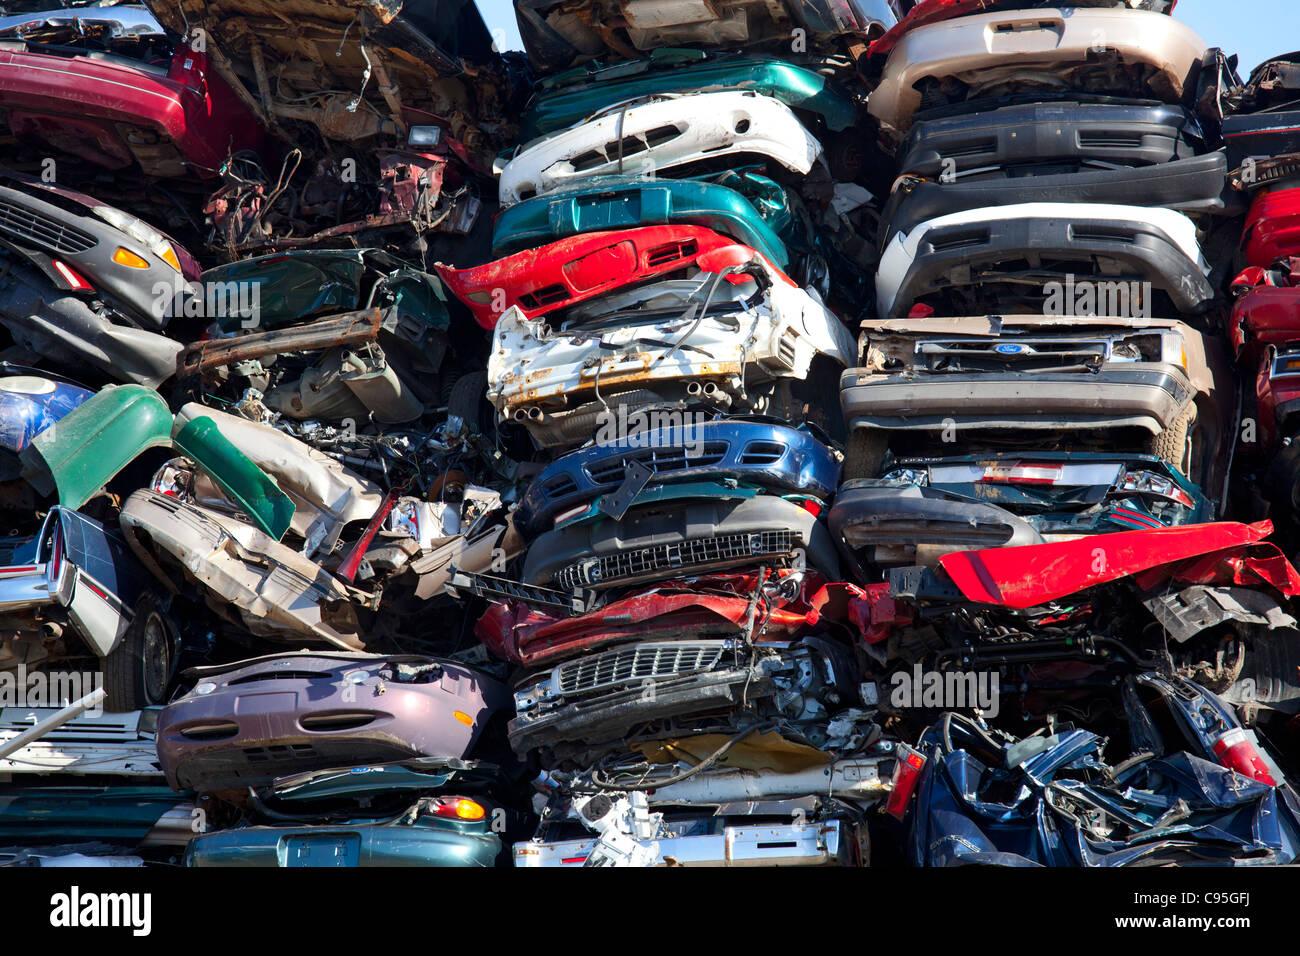 Detroit, Michigan - Junk-e-Autos zerquetscht und bereit für das recycling auf einem Schrottplatz. Stockbild